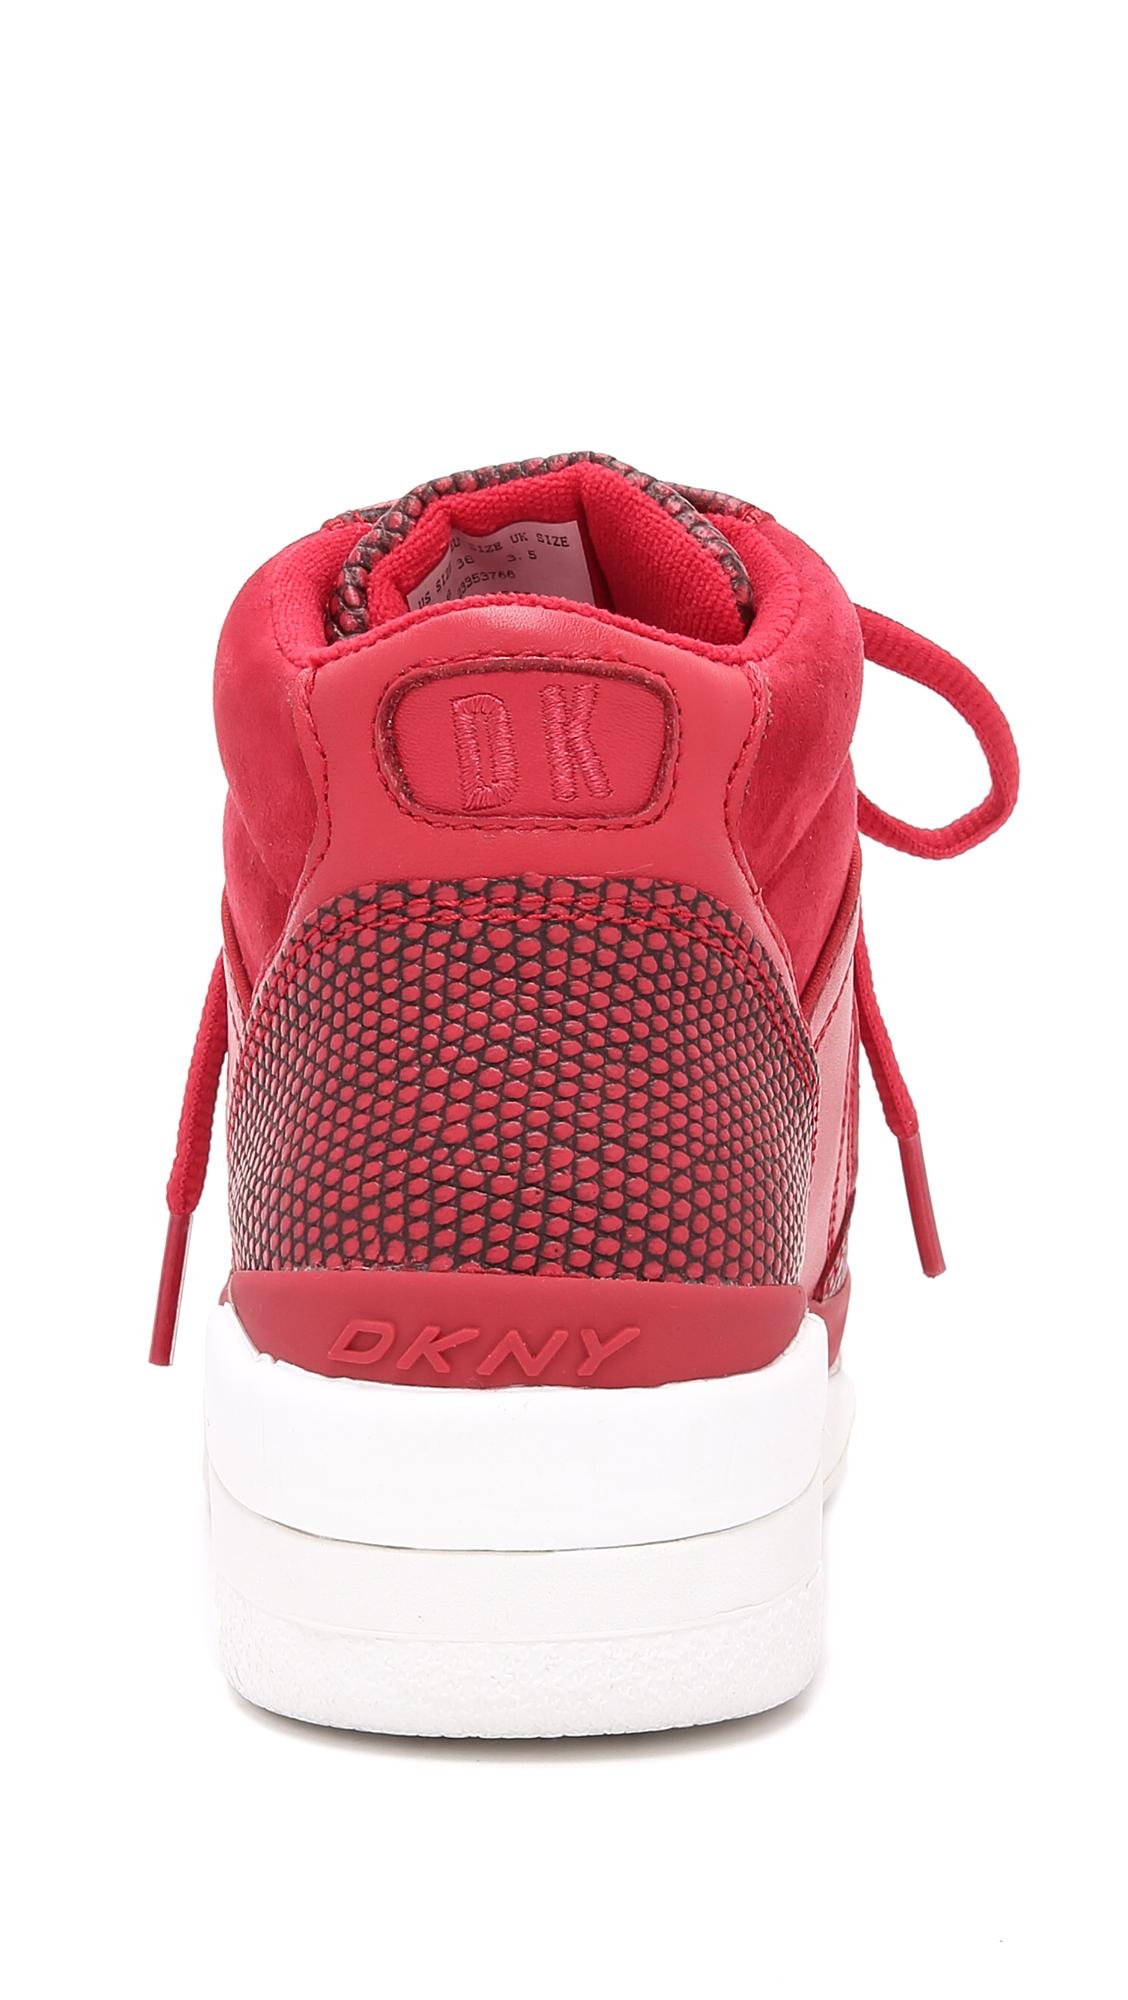 Dkny Canada Shoes